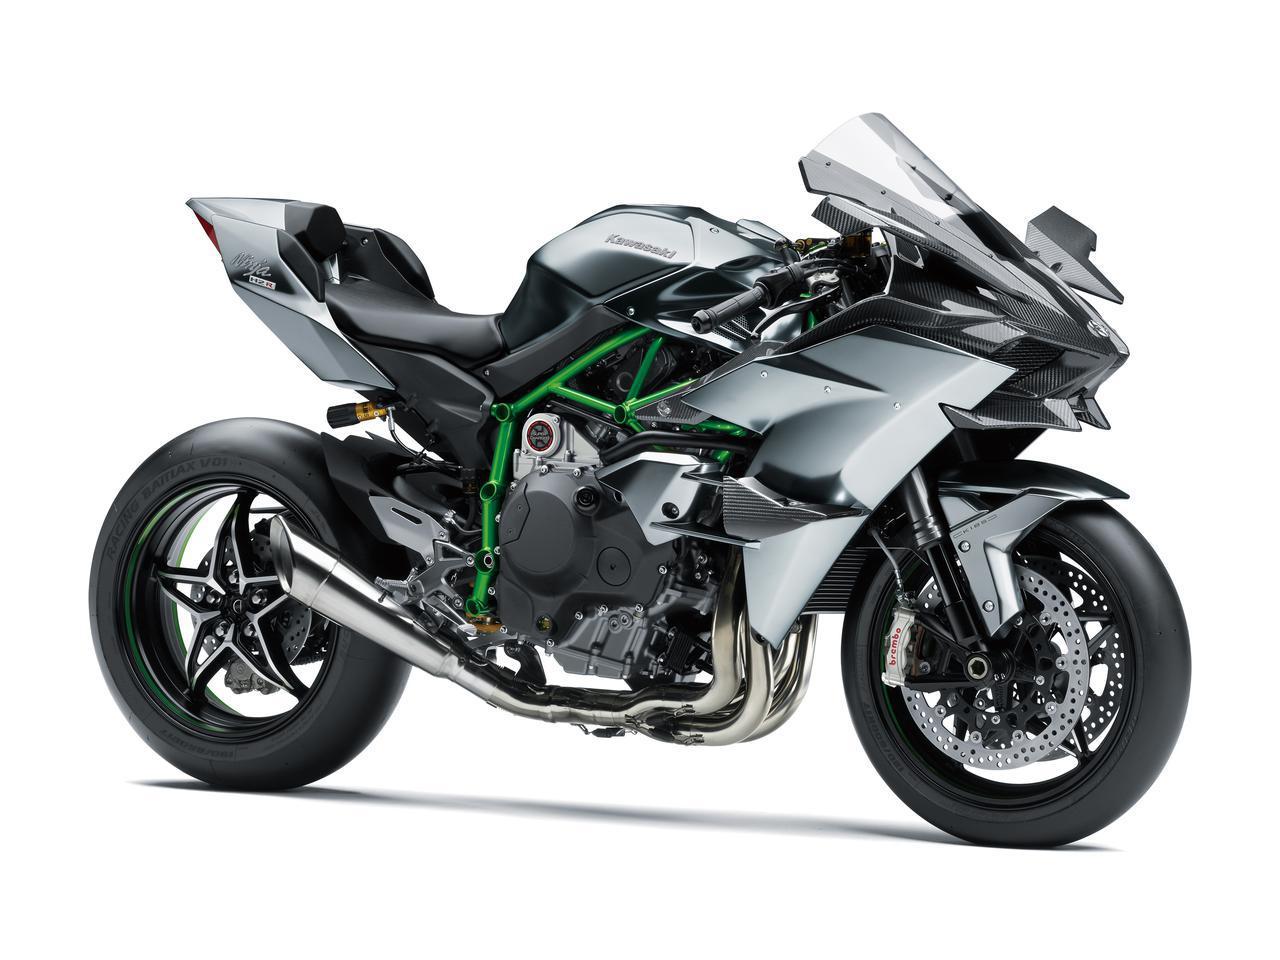 Images : 1番目の画像 - カワサキ「Ninja H2R」の写真を見る - webオートバイ